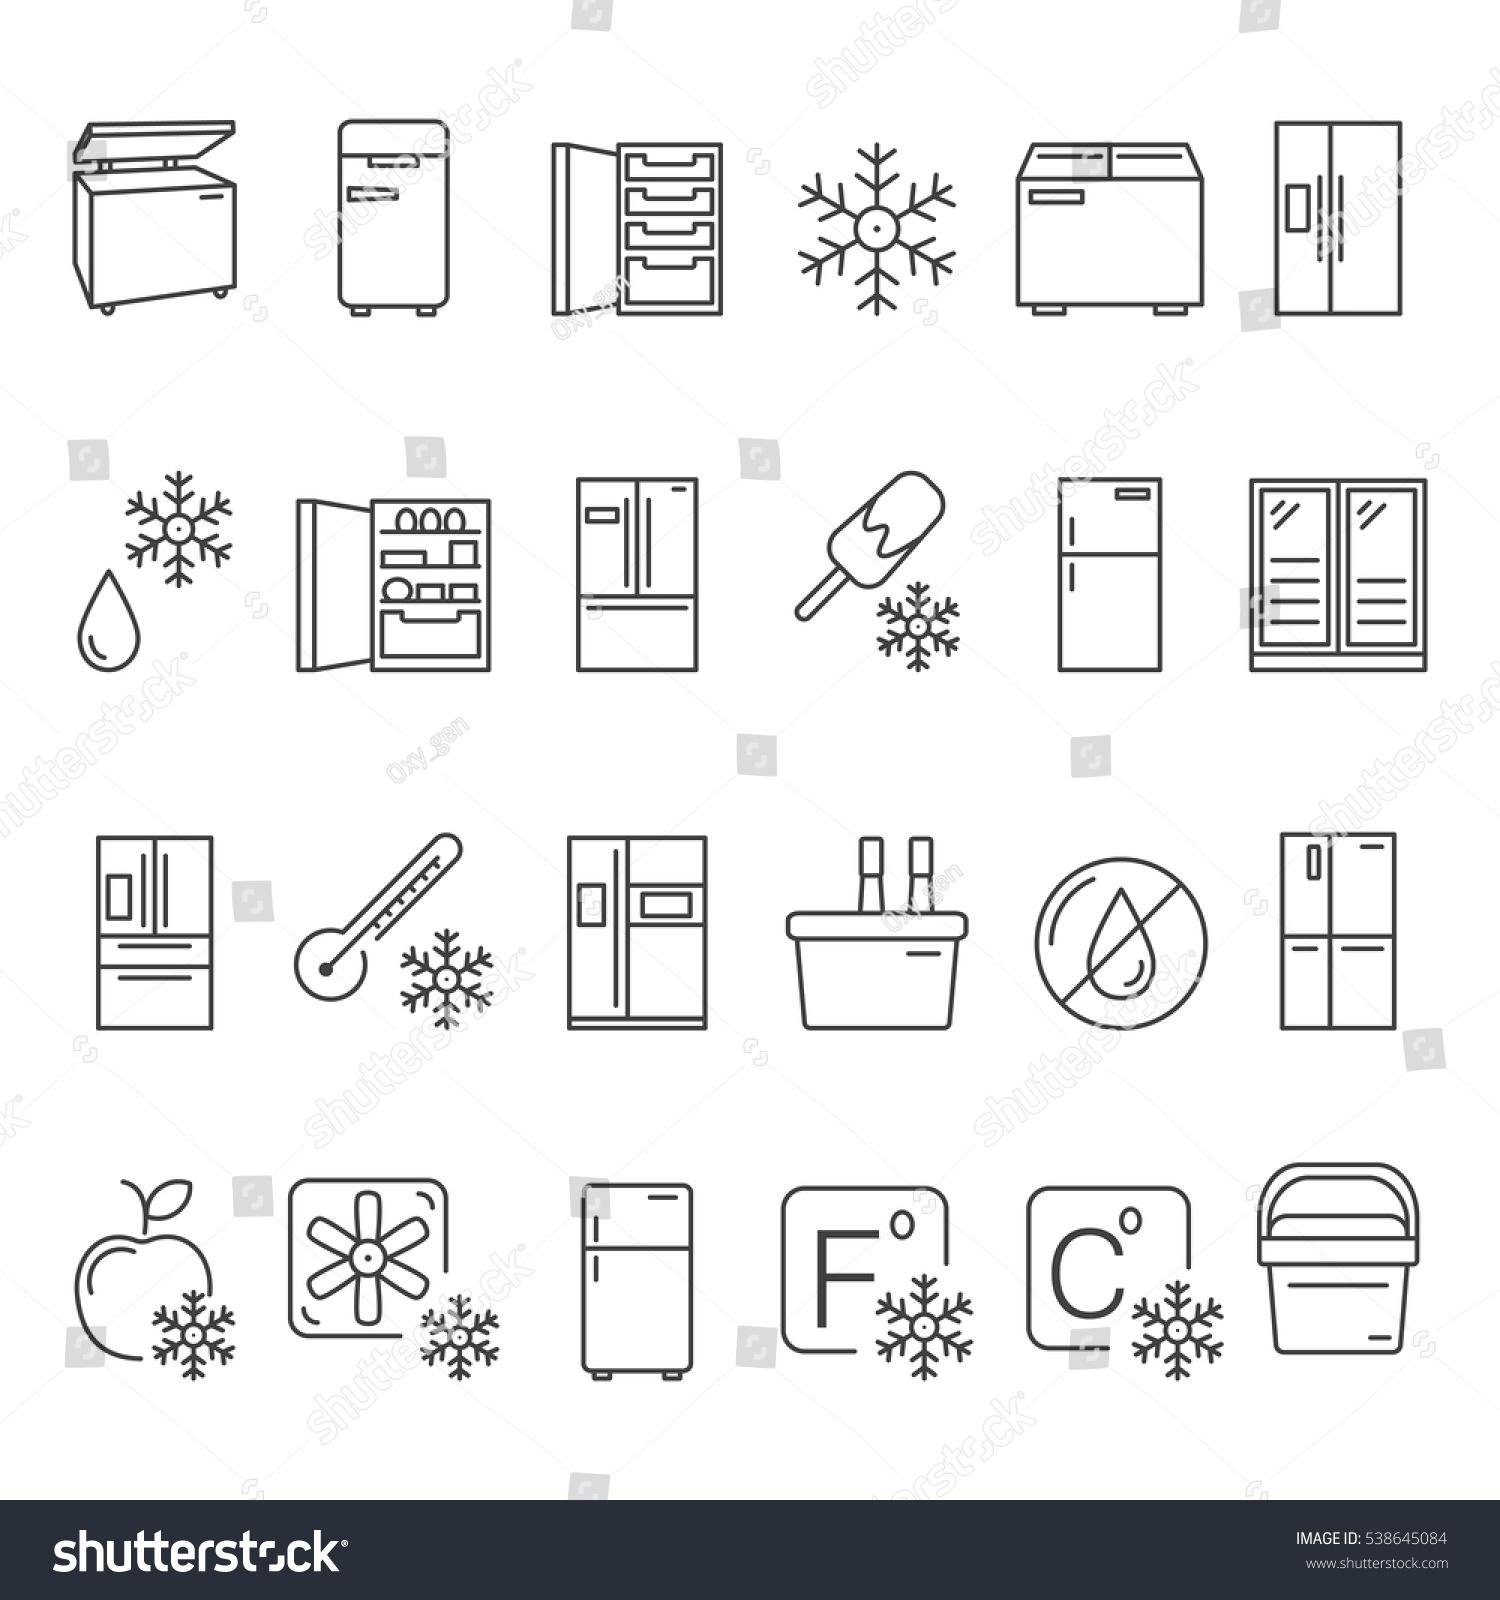 Outline fridge icons signs symbols set stock vector 538645084 outline fridge icons signs and symbols set kitchen appliances equipment freeze refrigerator buycottarizona Choice Image